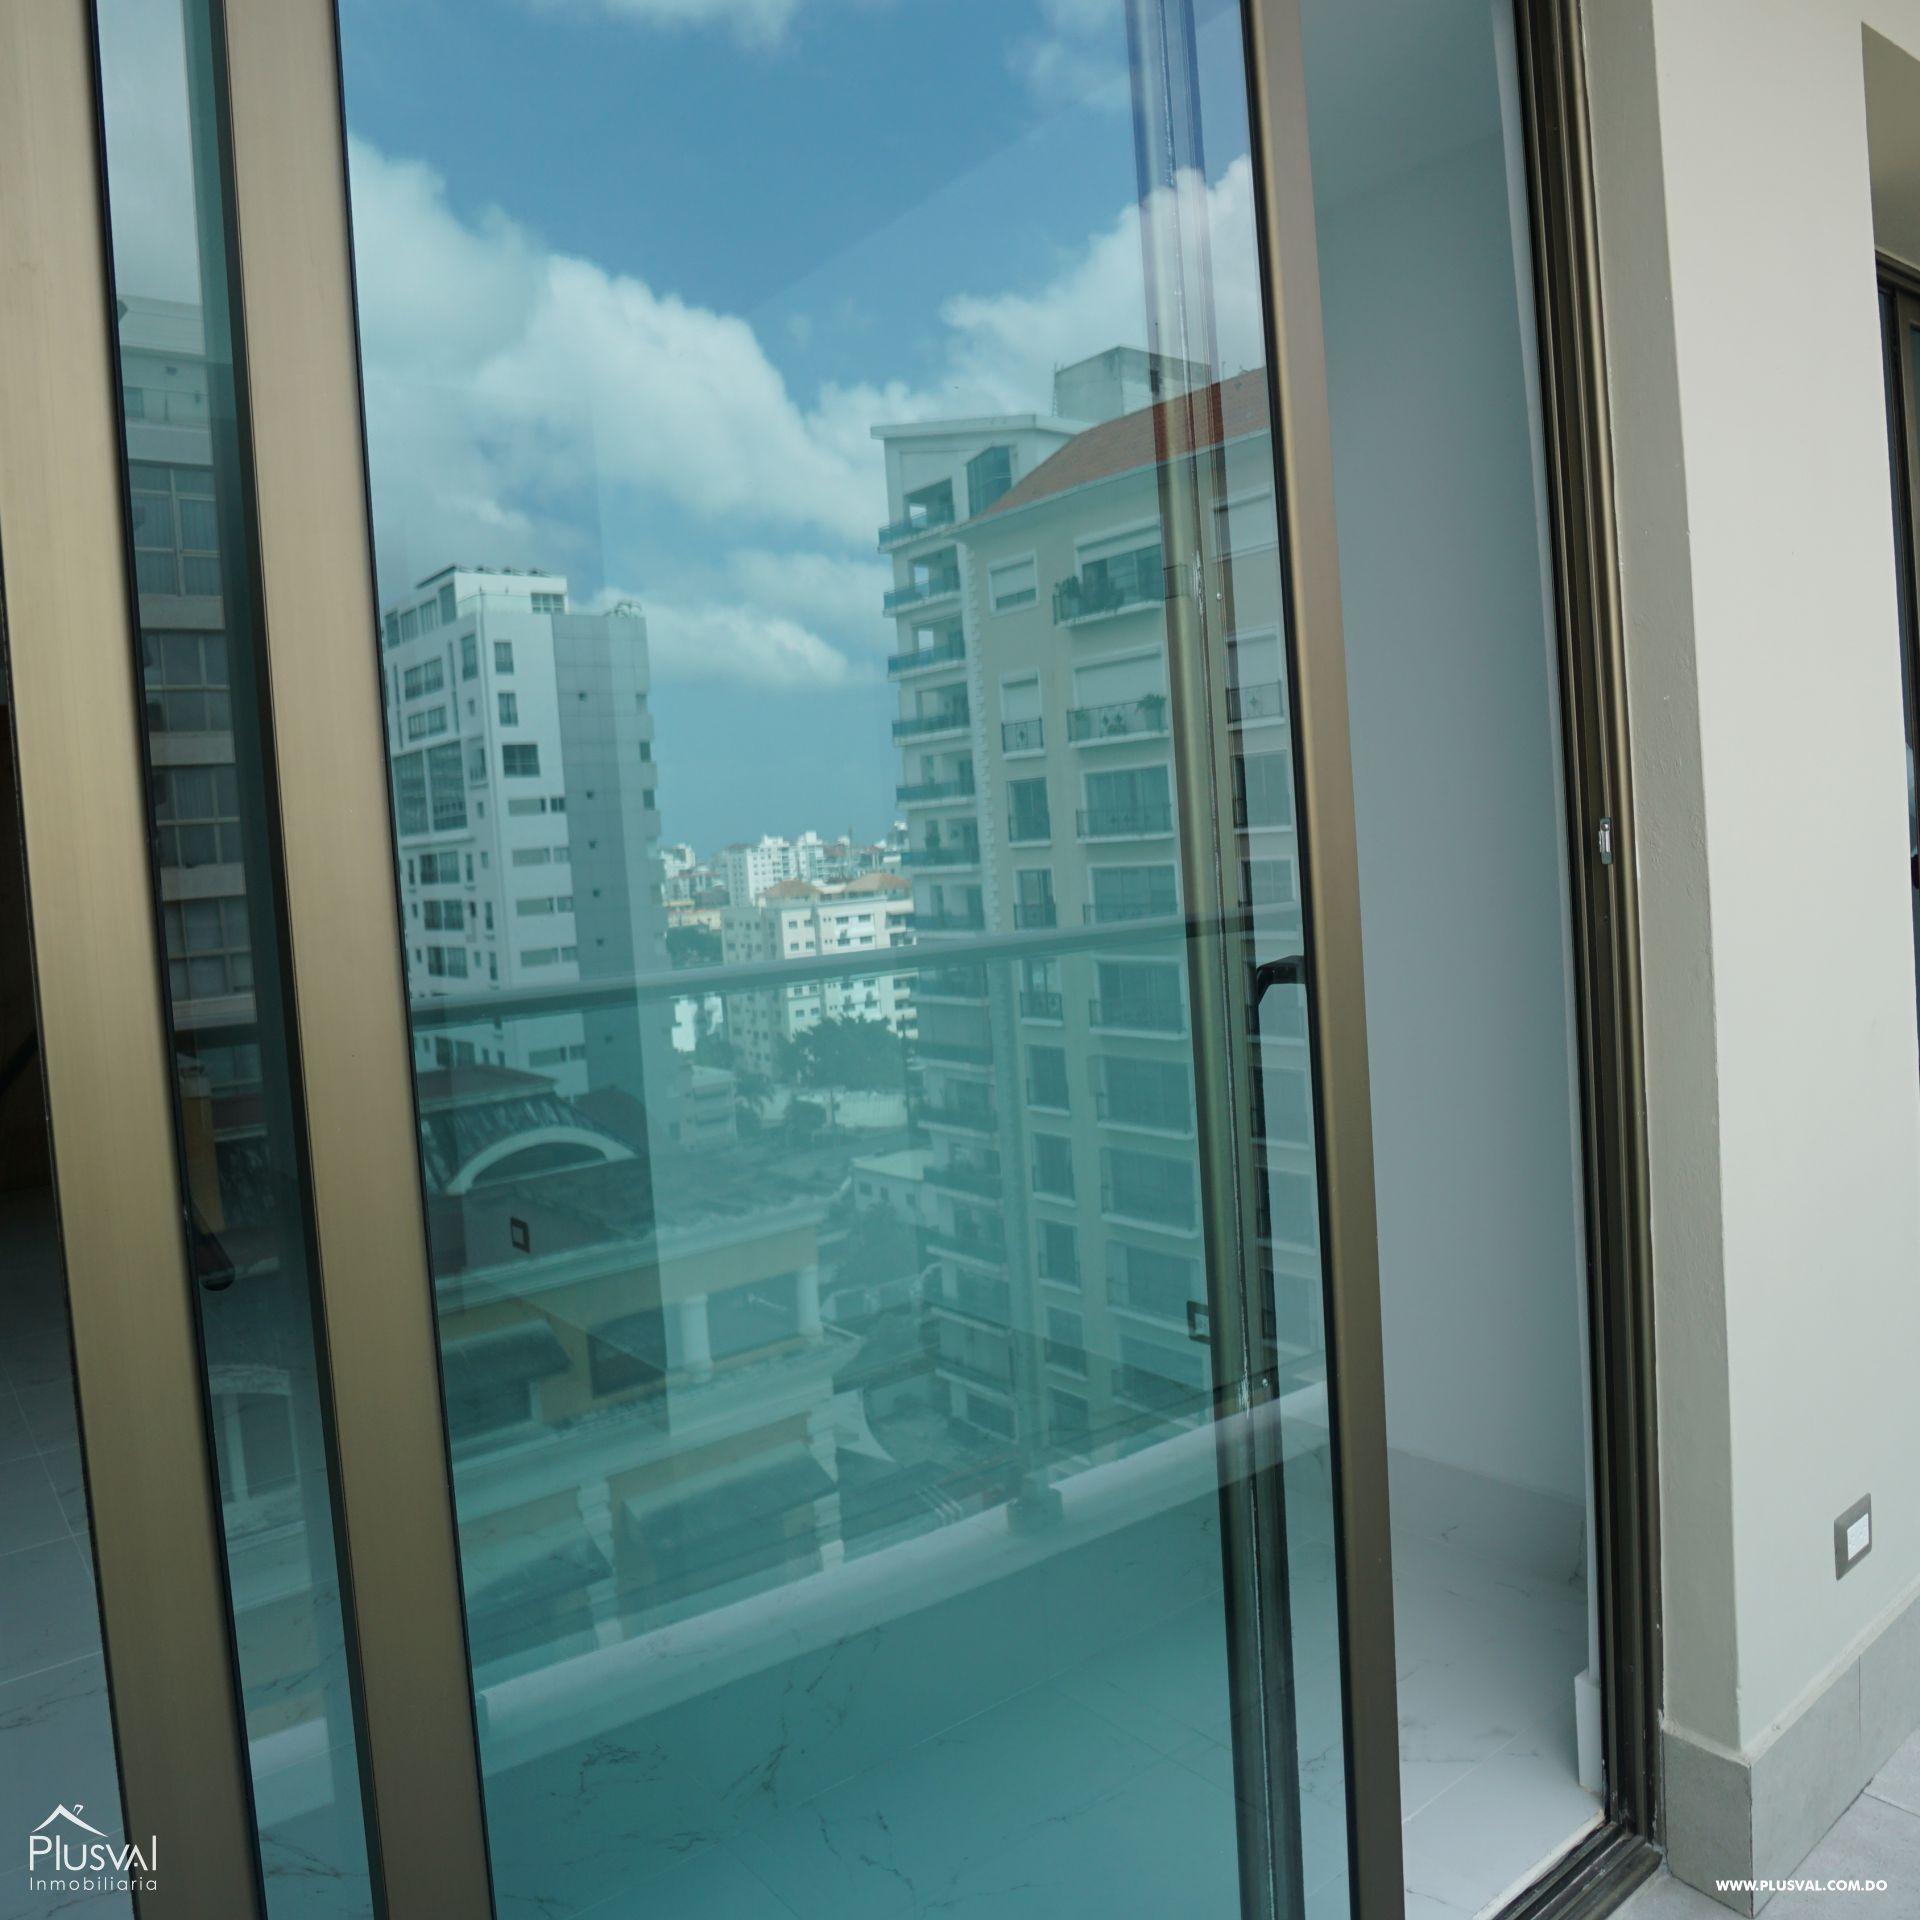 Apartamento en alquiler con linea blanca en Piantini 183092